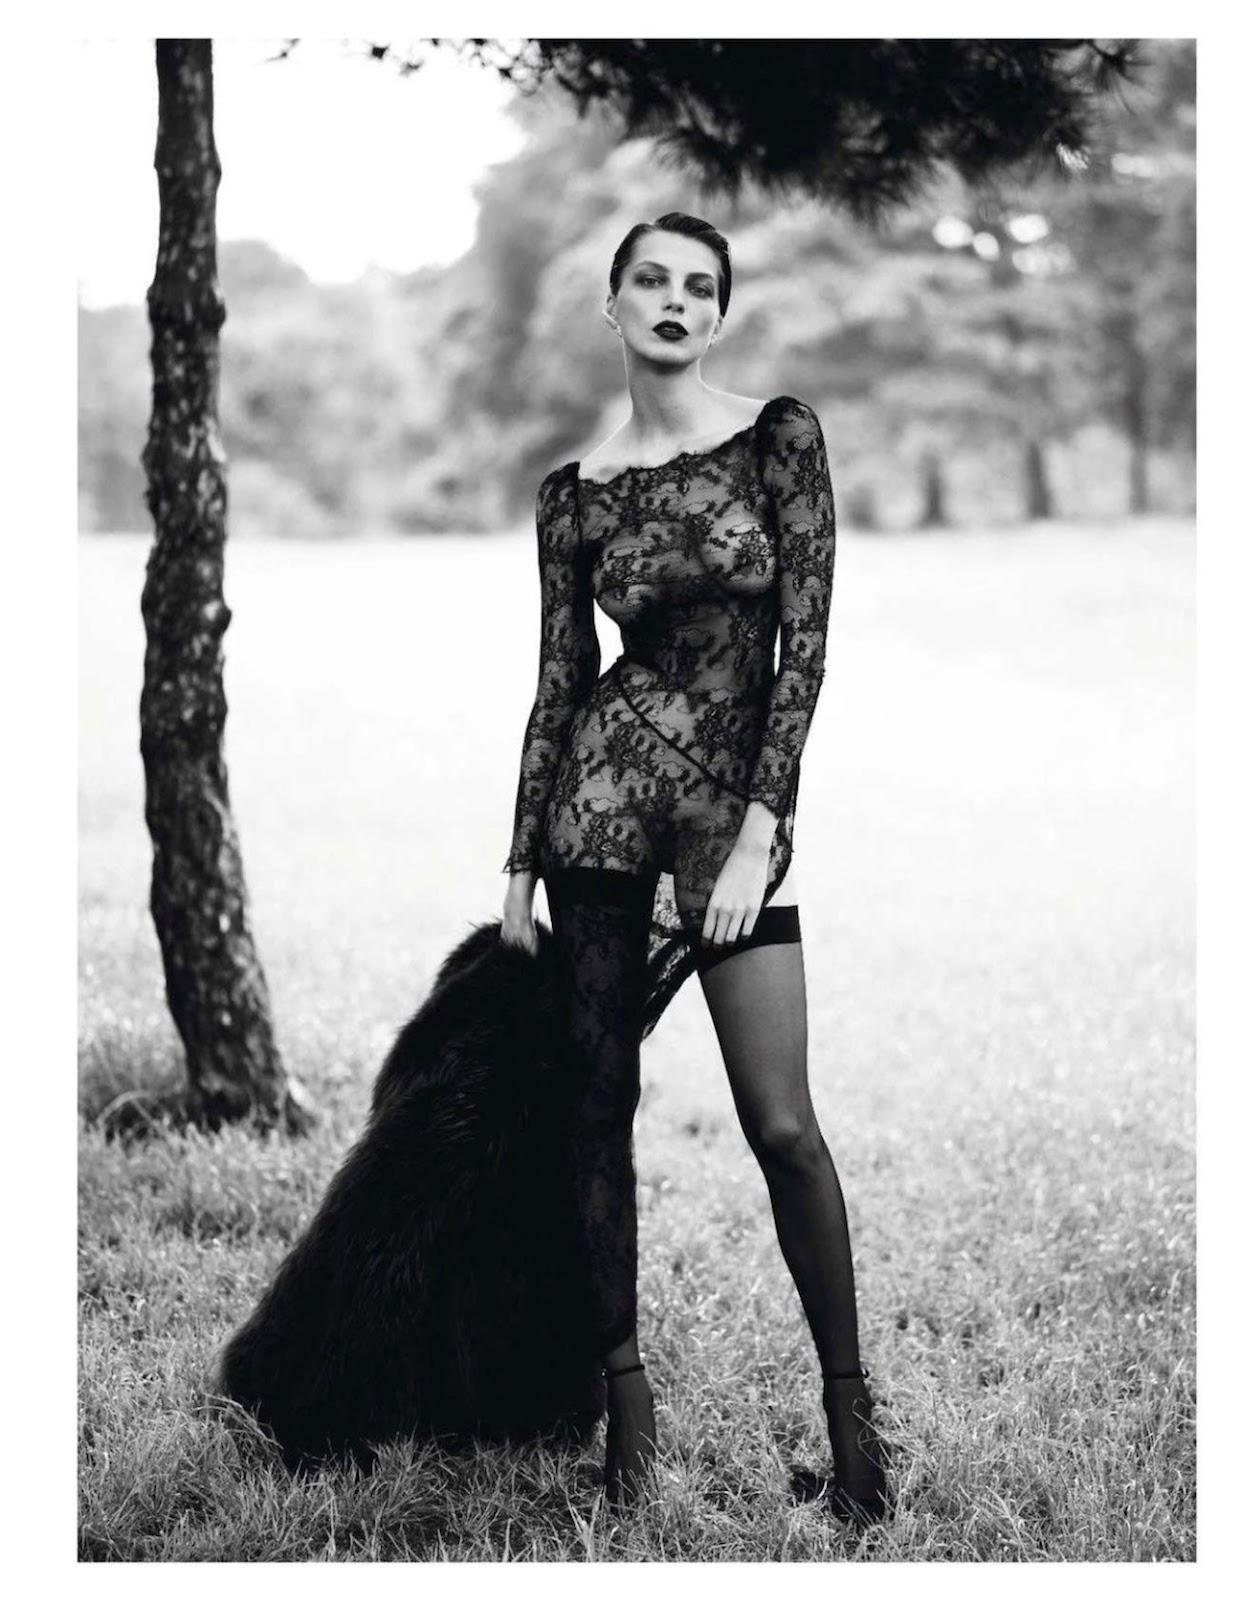 Paris Vogue - September 2012Vogue September 2012